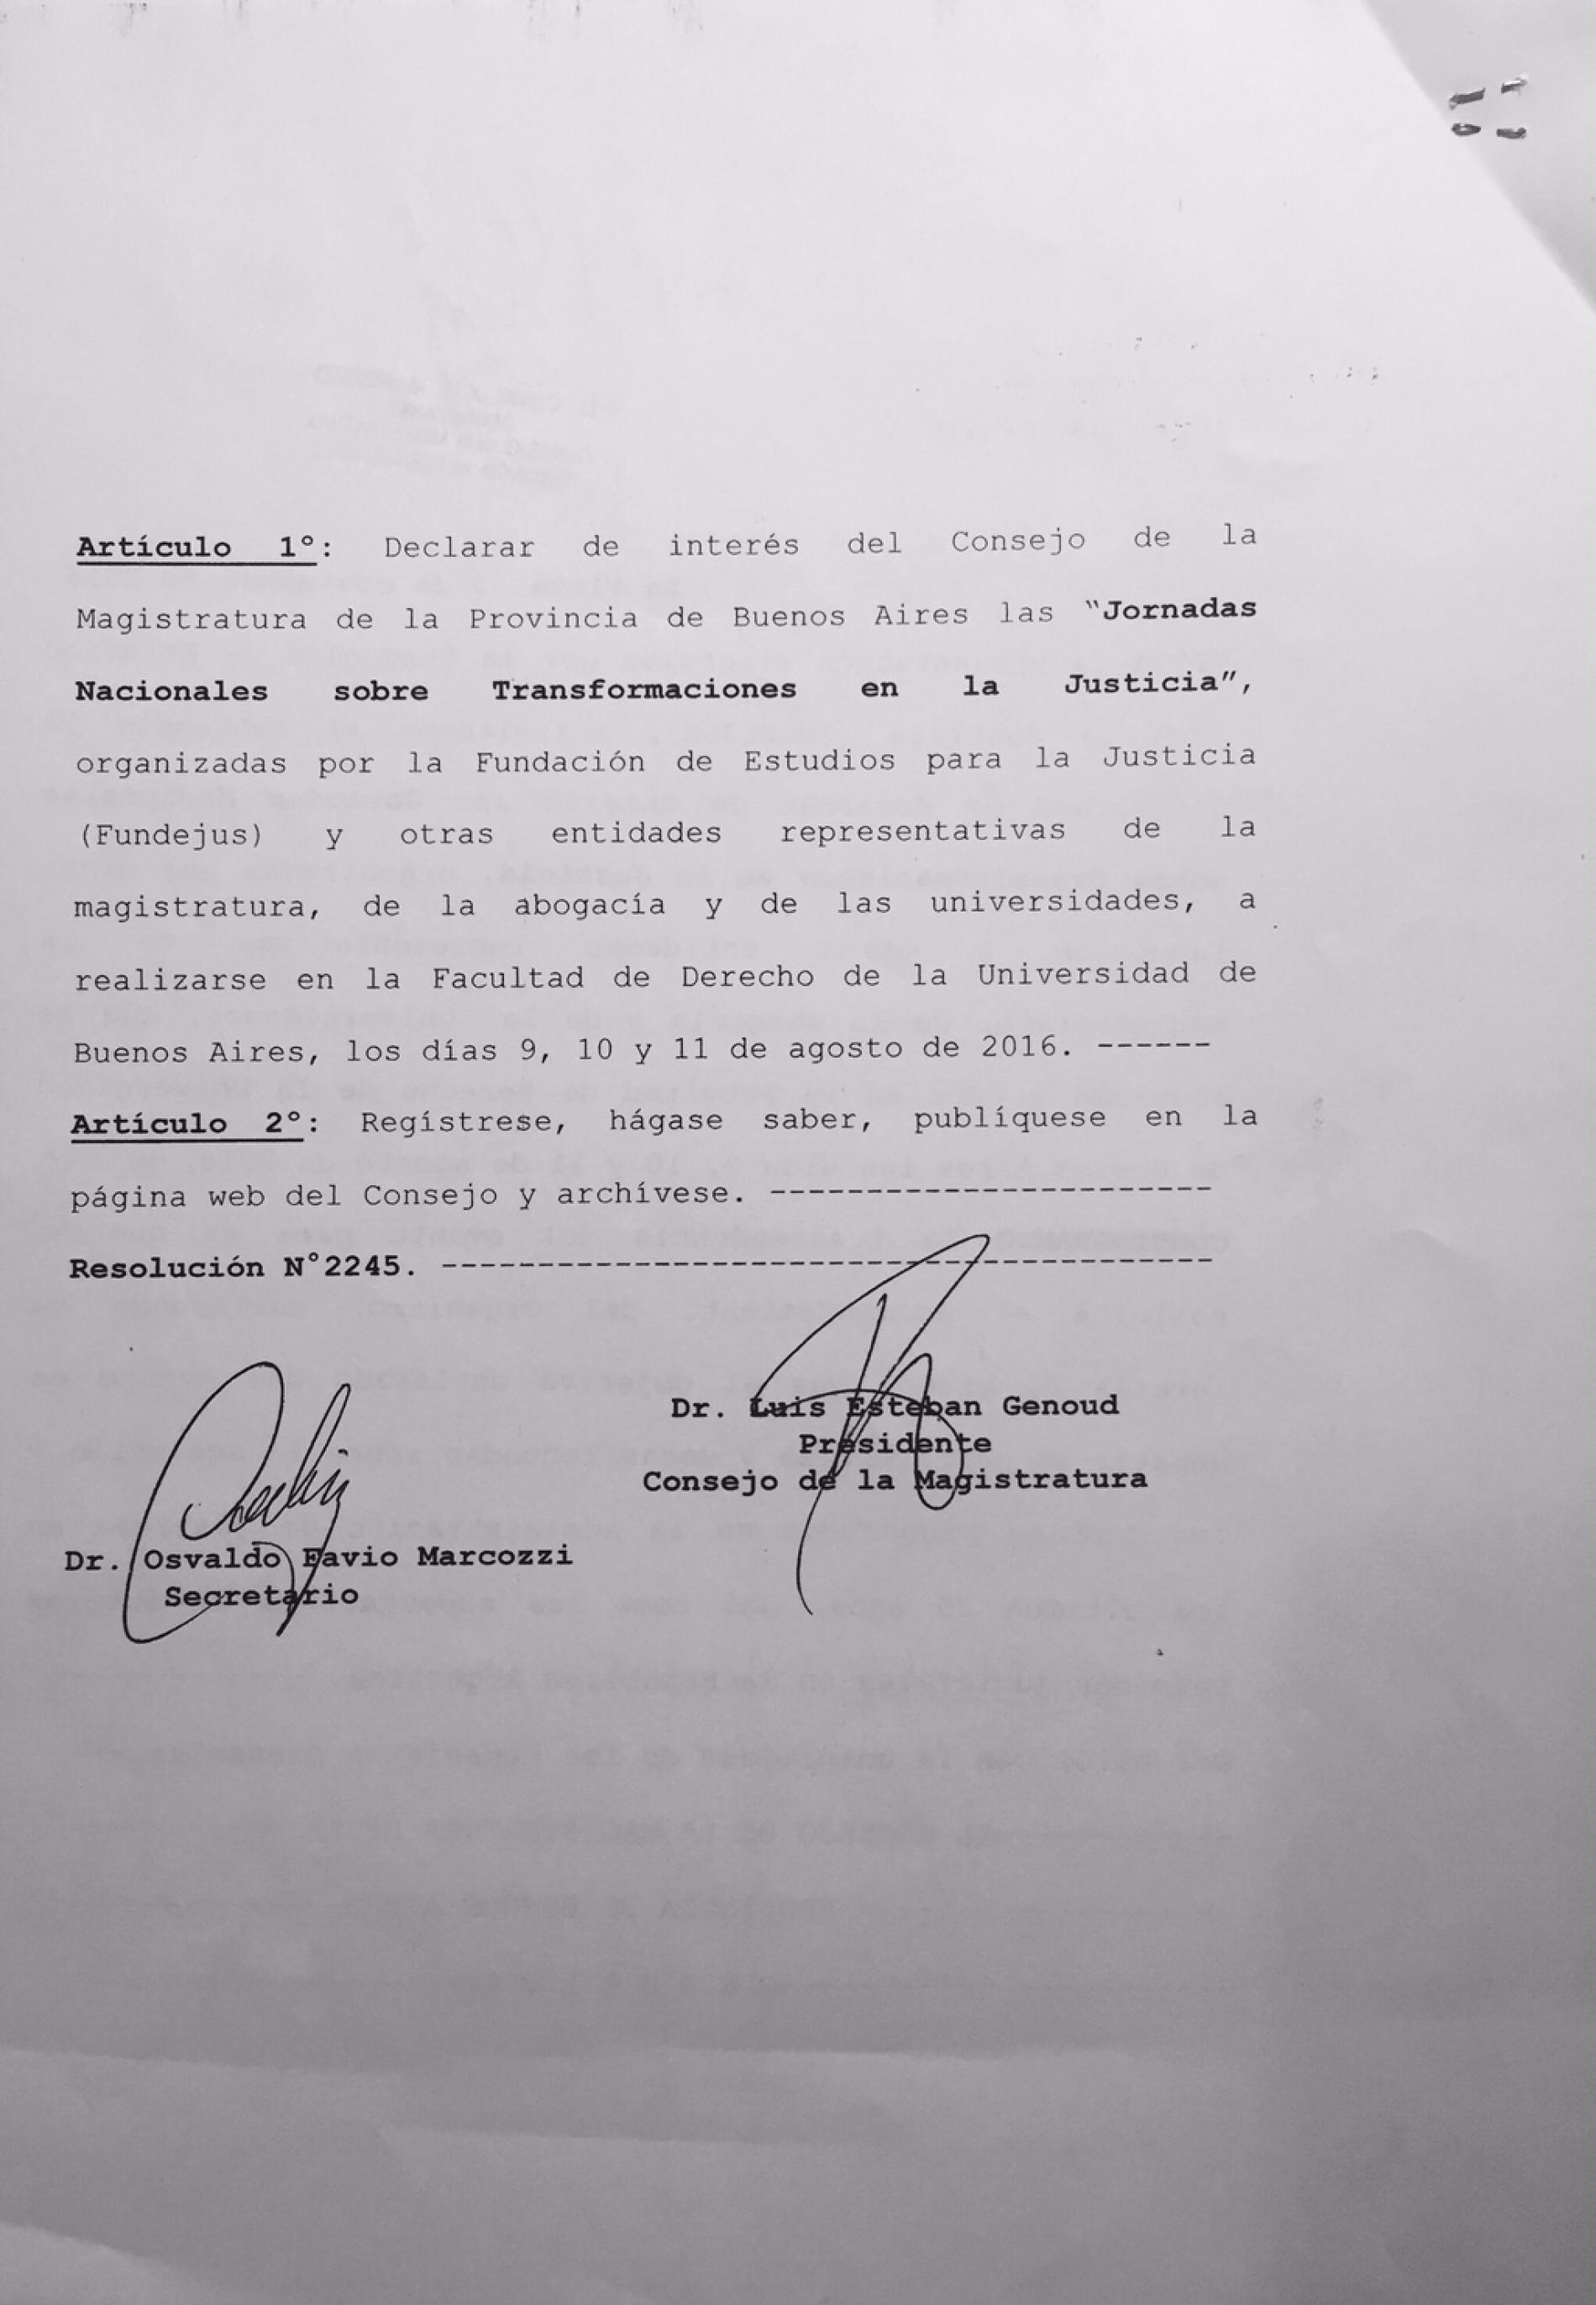 Consejo de la Magistratura – Declara de interés las Jornadas Nacionales sobre Transformaciones en la Justicia